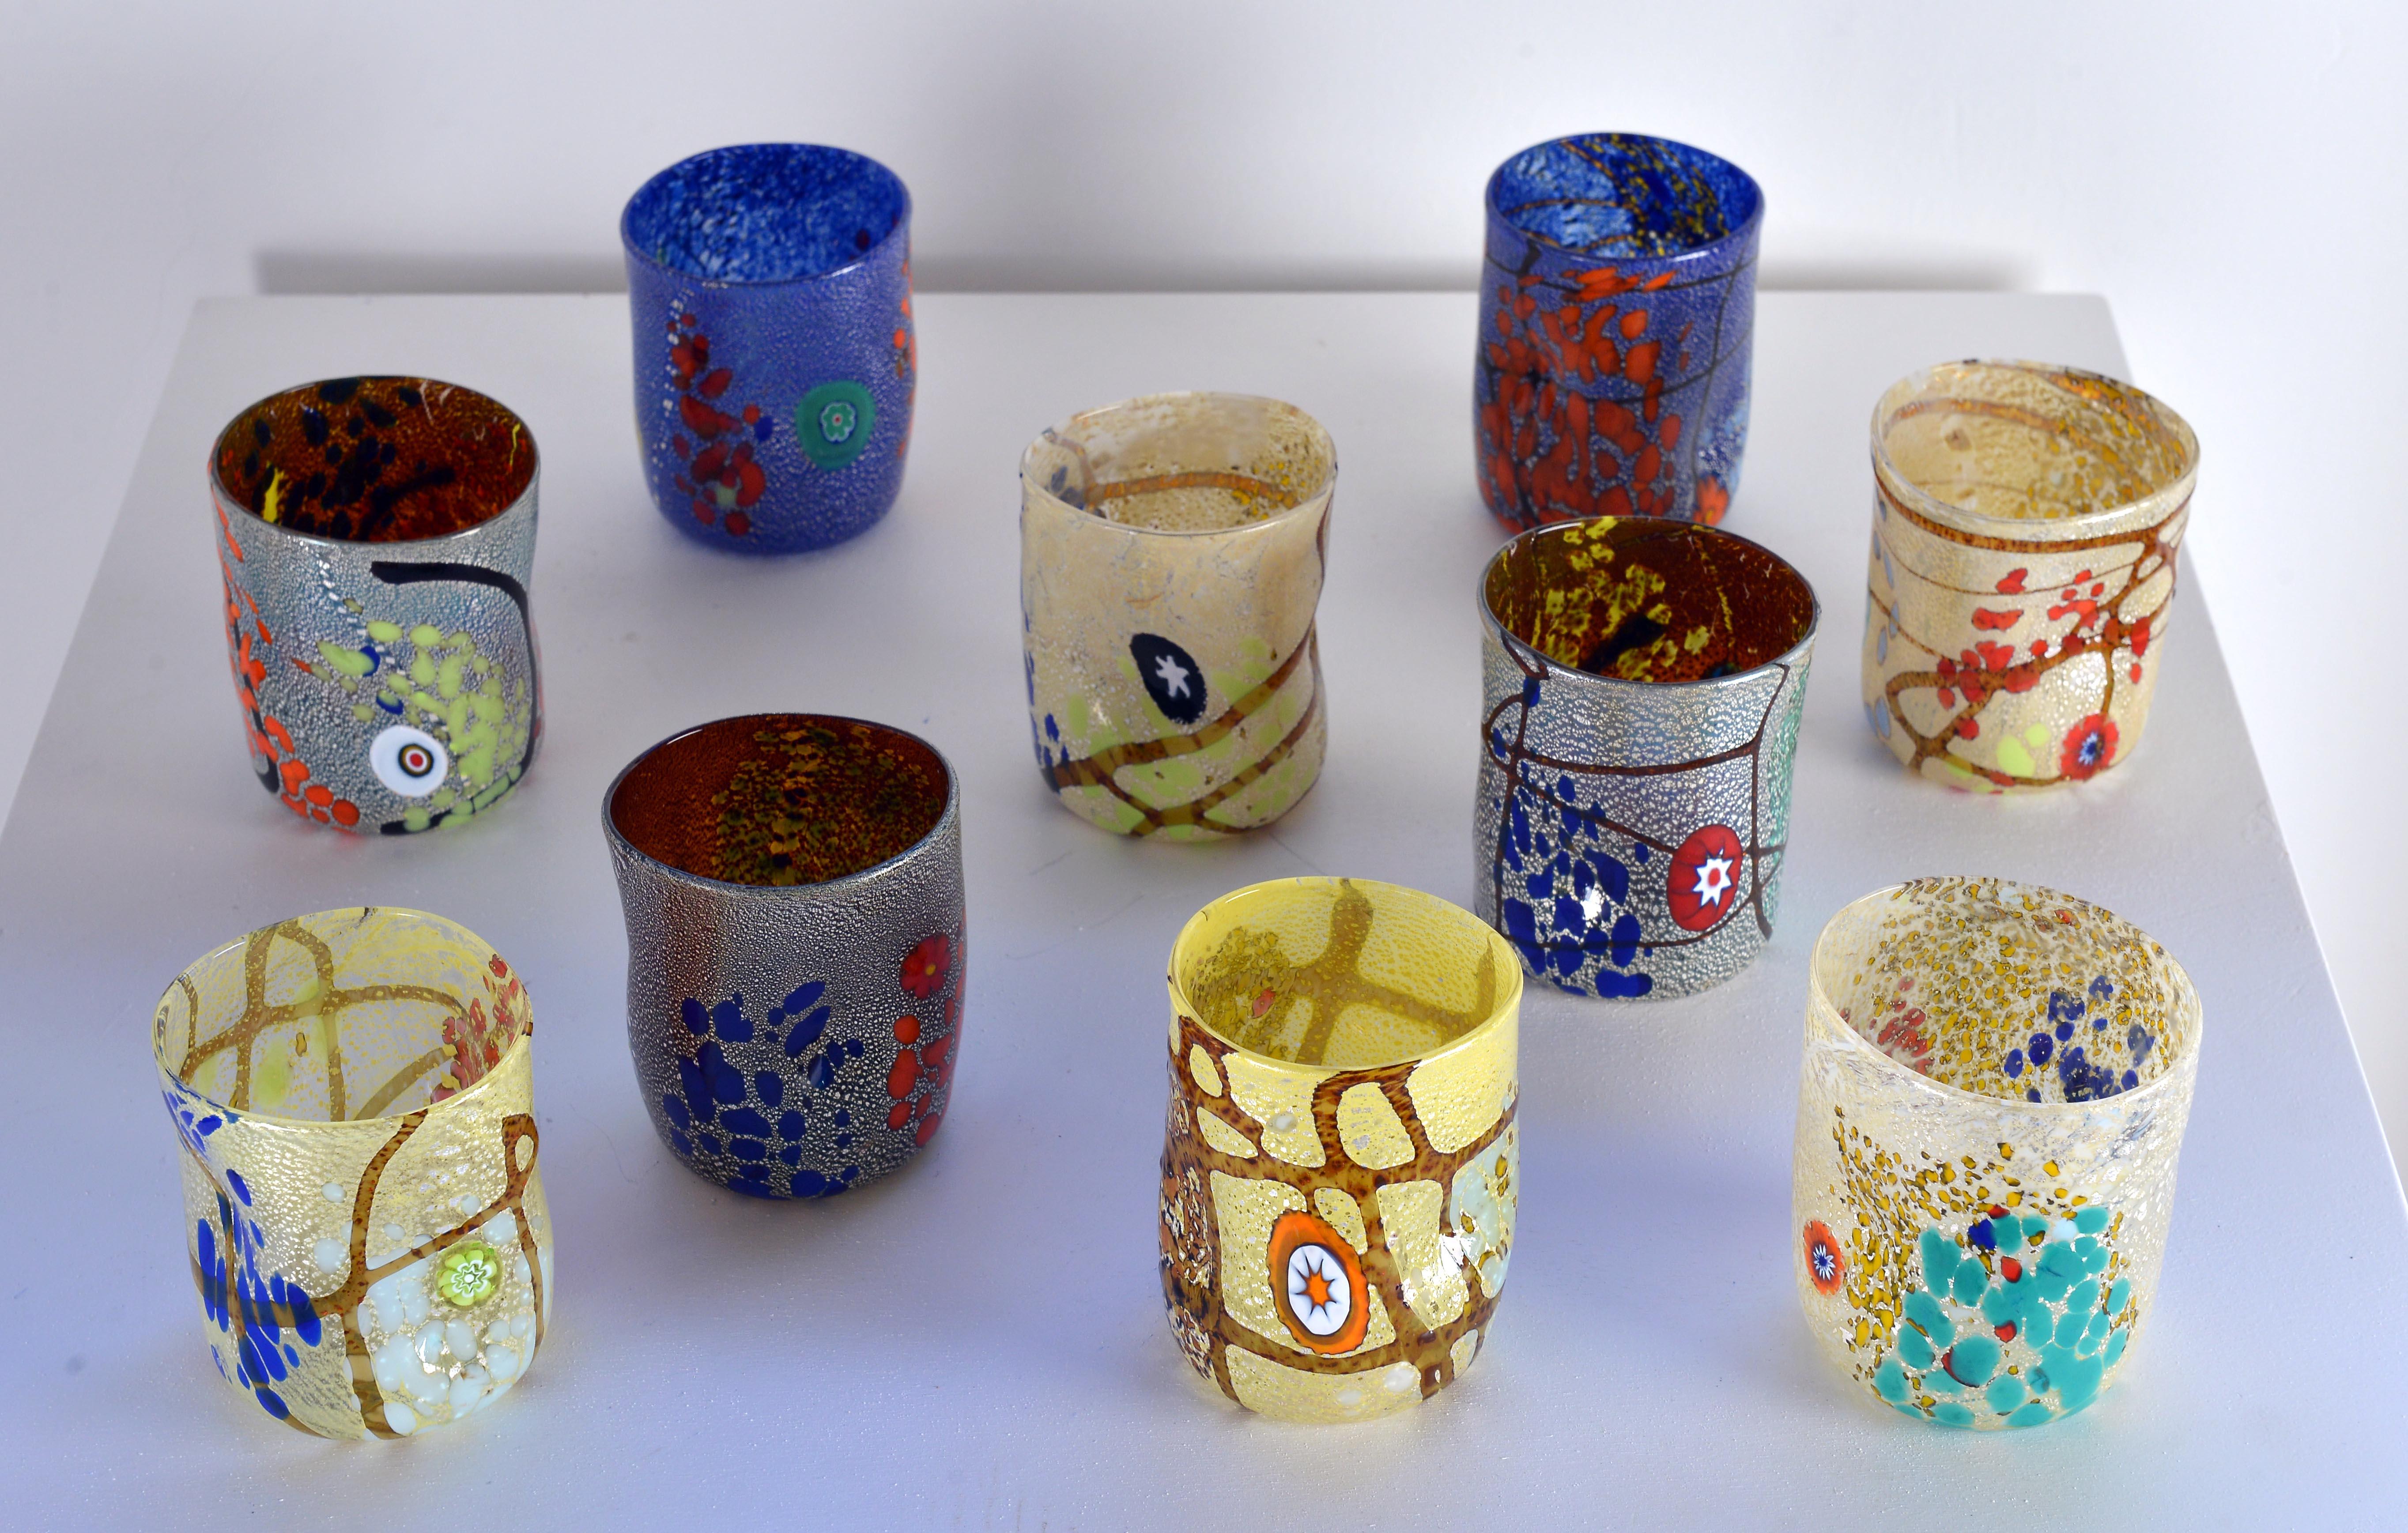 Lavorazioni vetro murano lavorazioni artistiche veneziane gallery bicchieri - Decorare bicchieri di vetro ...